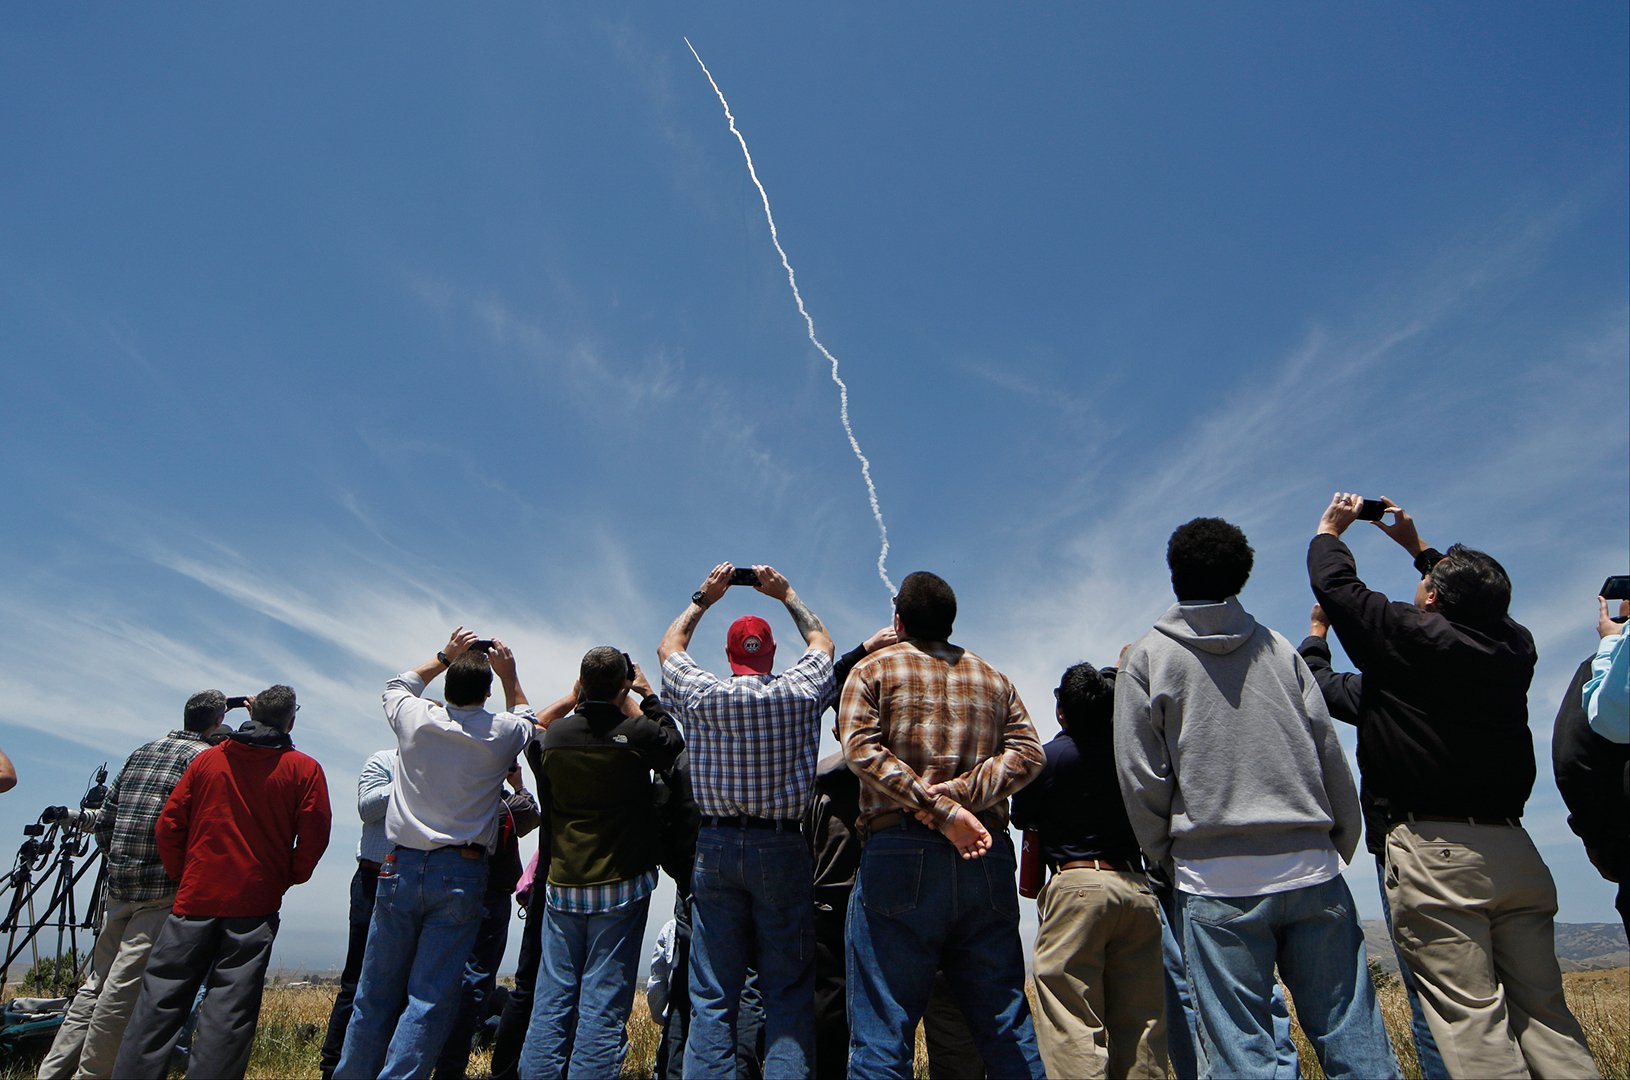 美國宣布成功完成全球首次的洲際飛彈攔截測試。圖為民眾在范登堡空軍基地觀看飛彈發射。 (AFP)